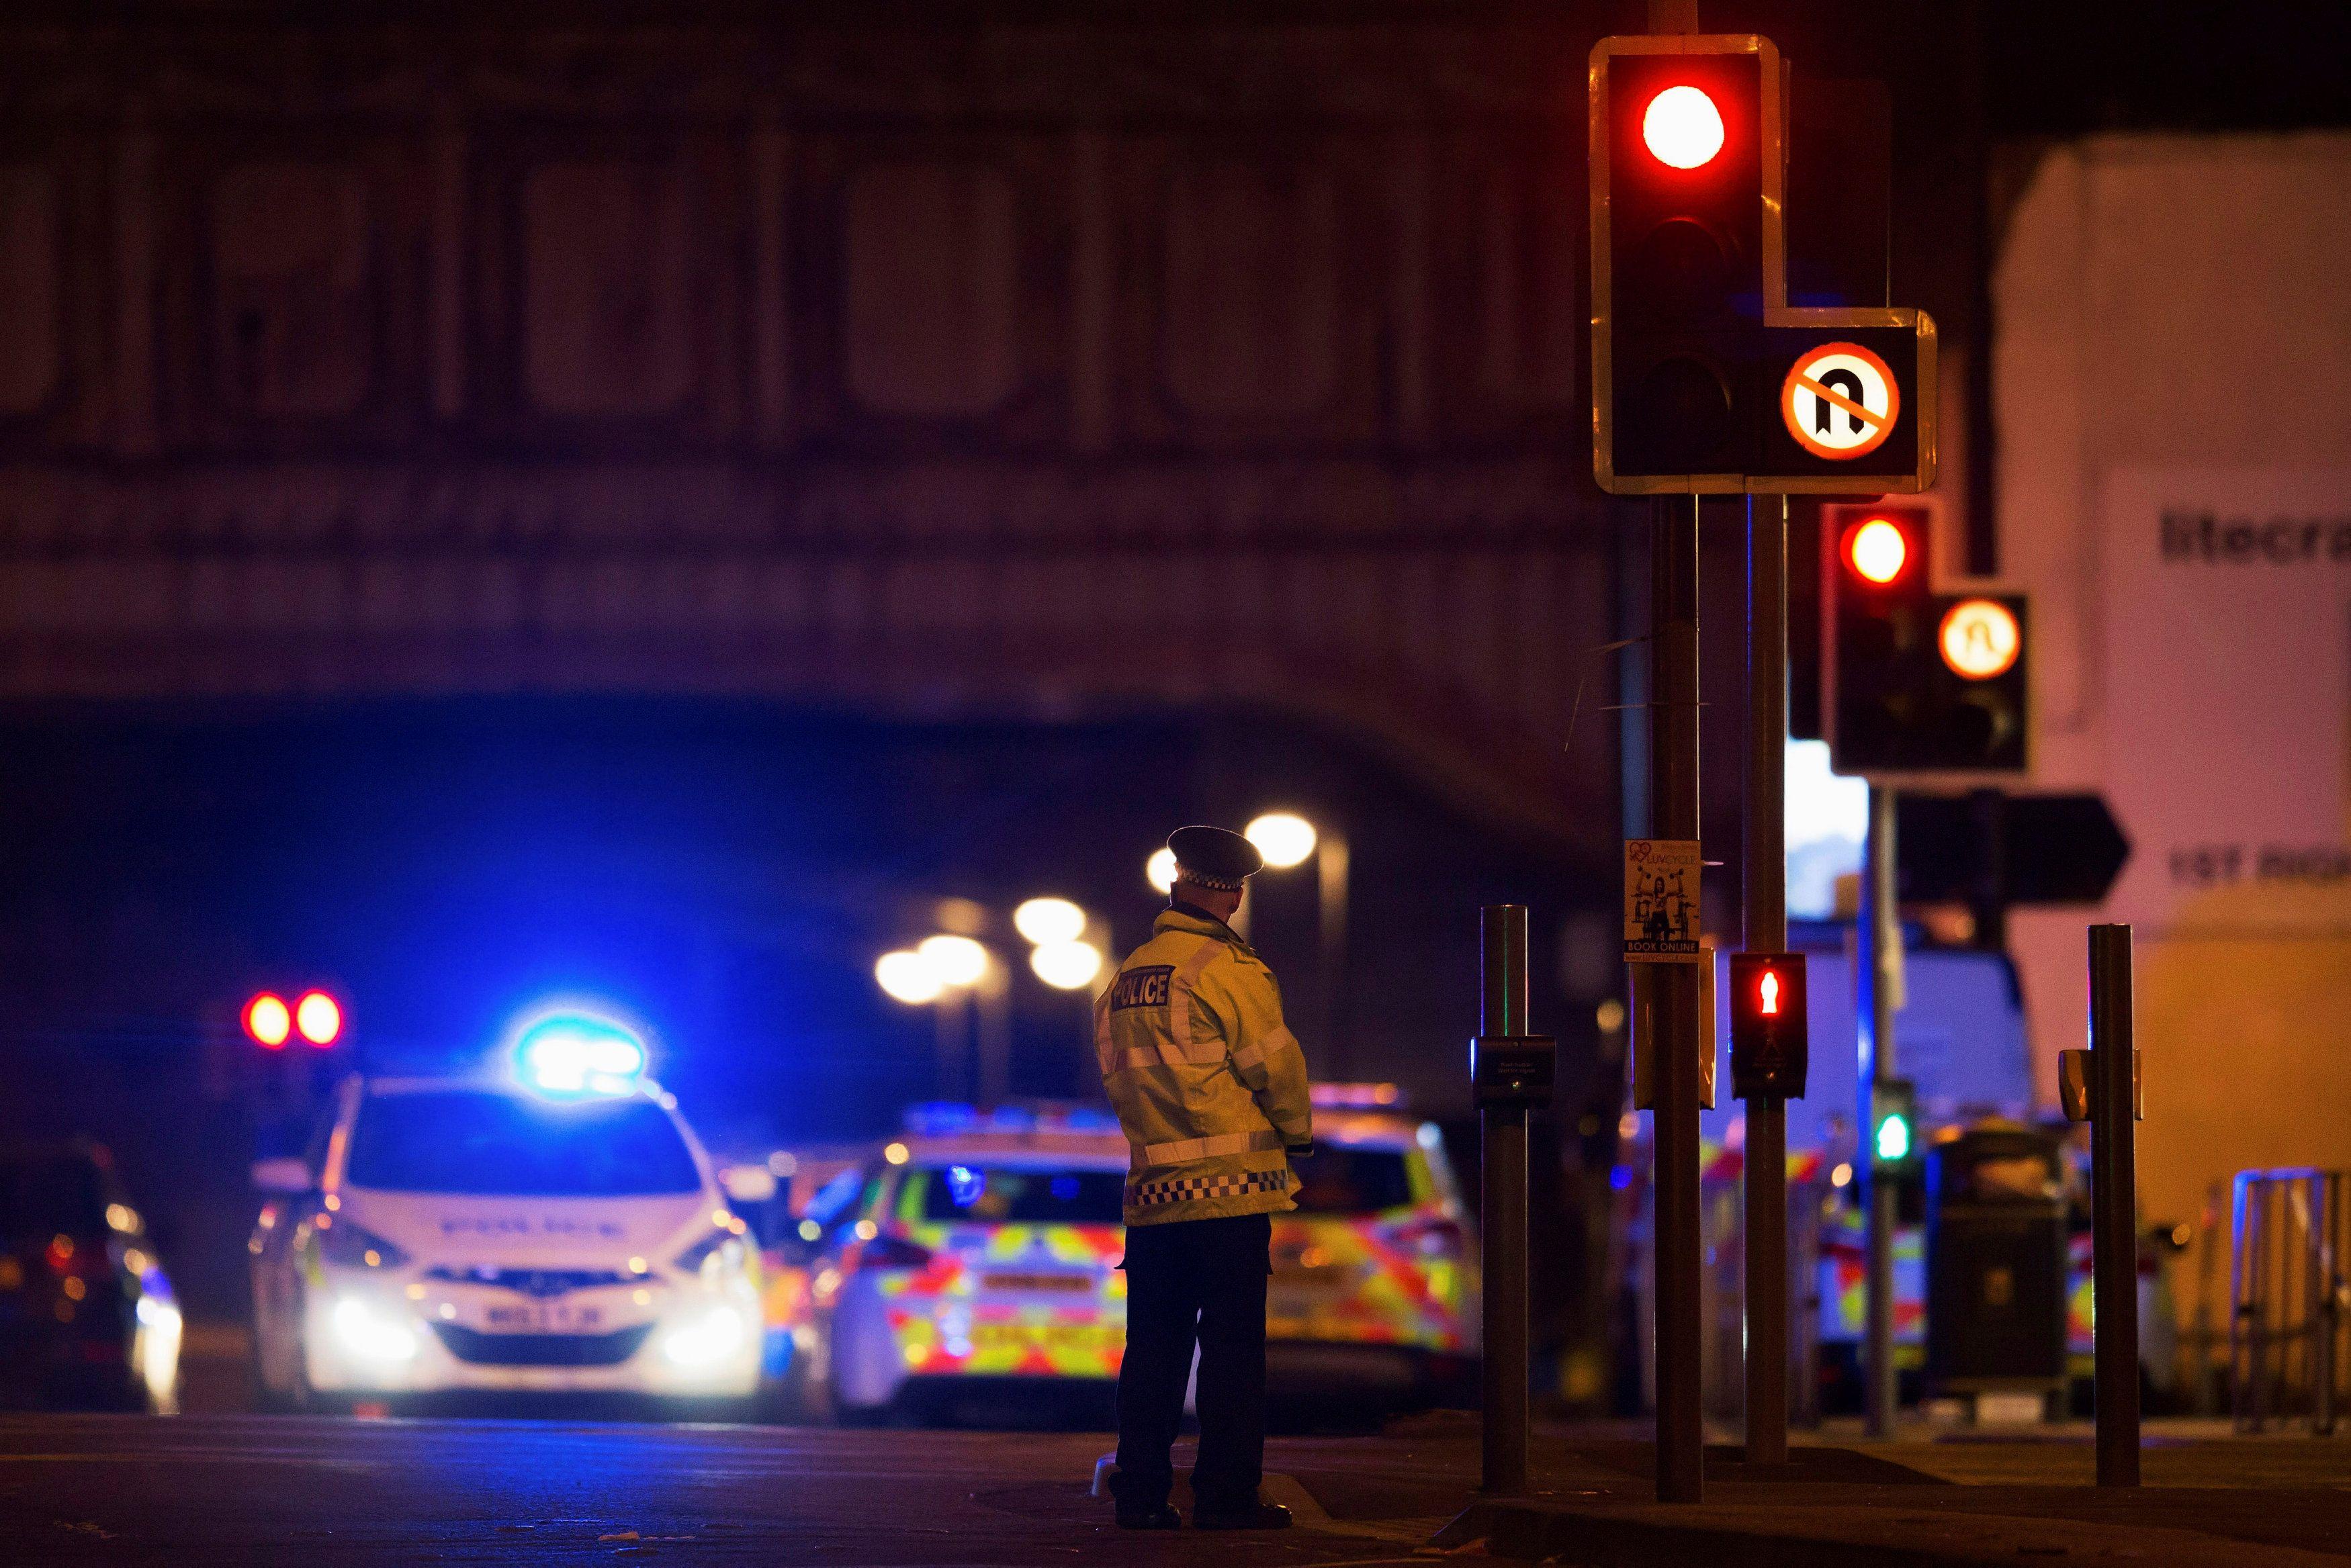 Поліція затримала ще одного підозрюваного у справі про теракт в Манчестері